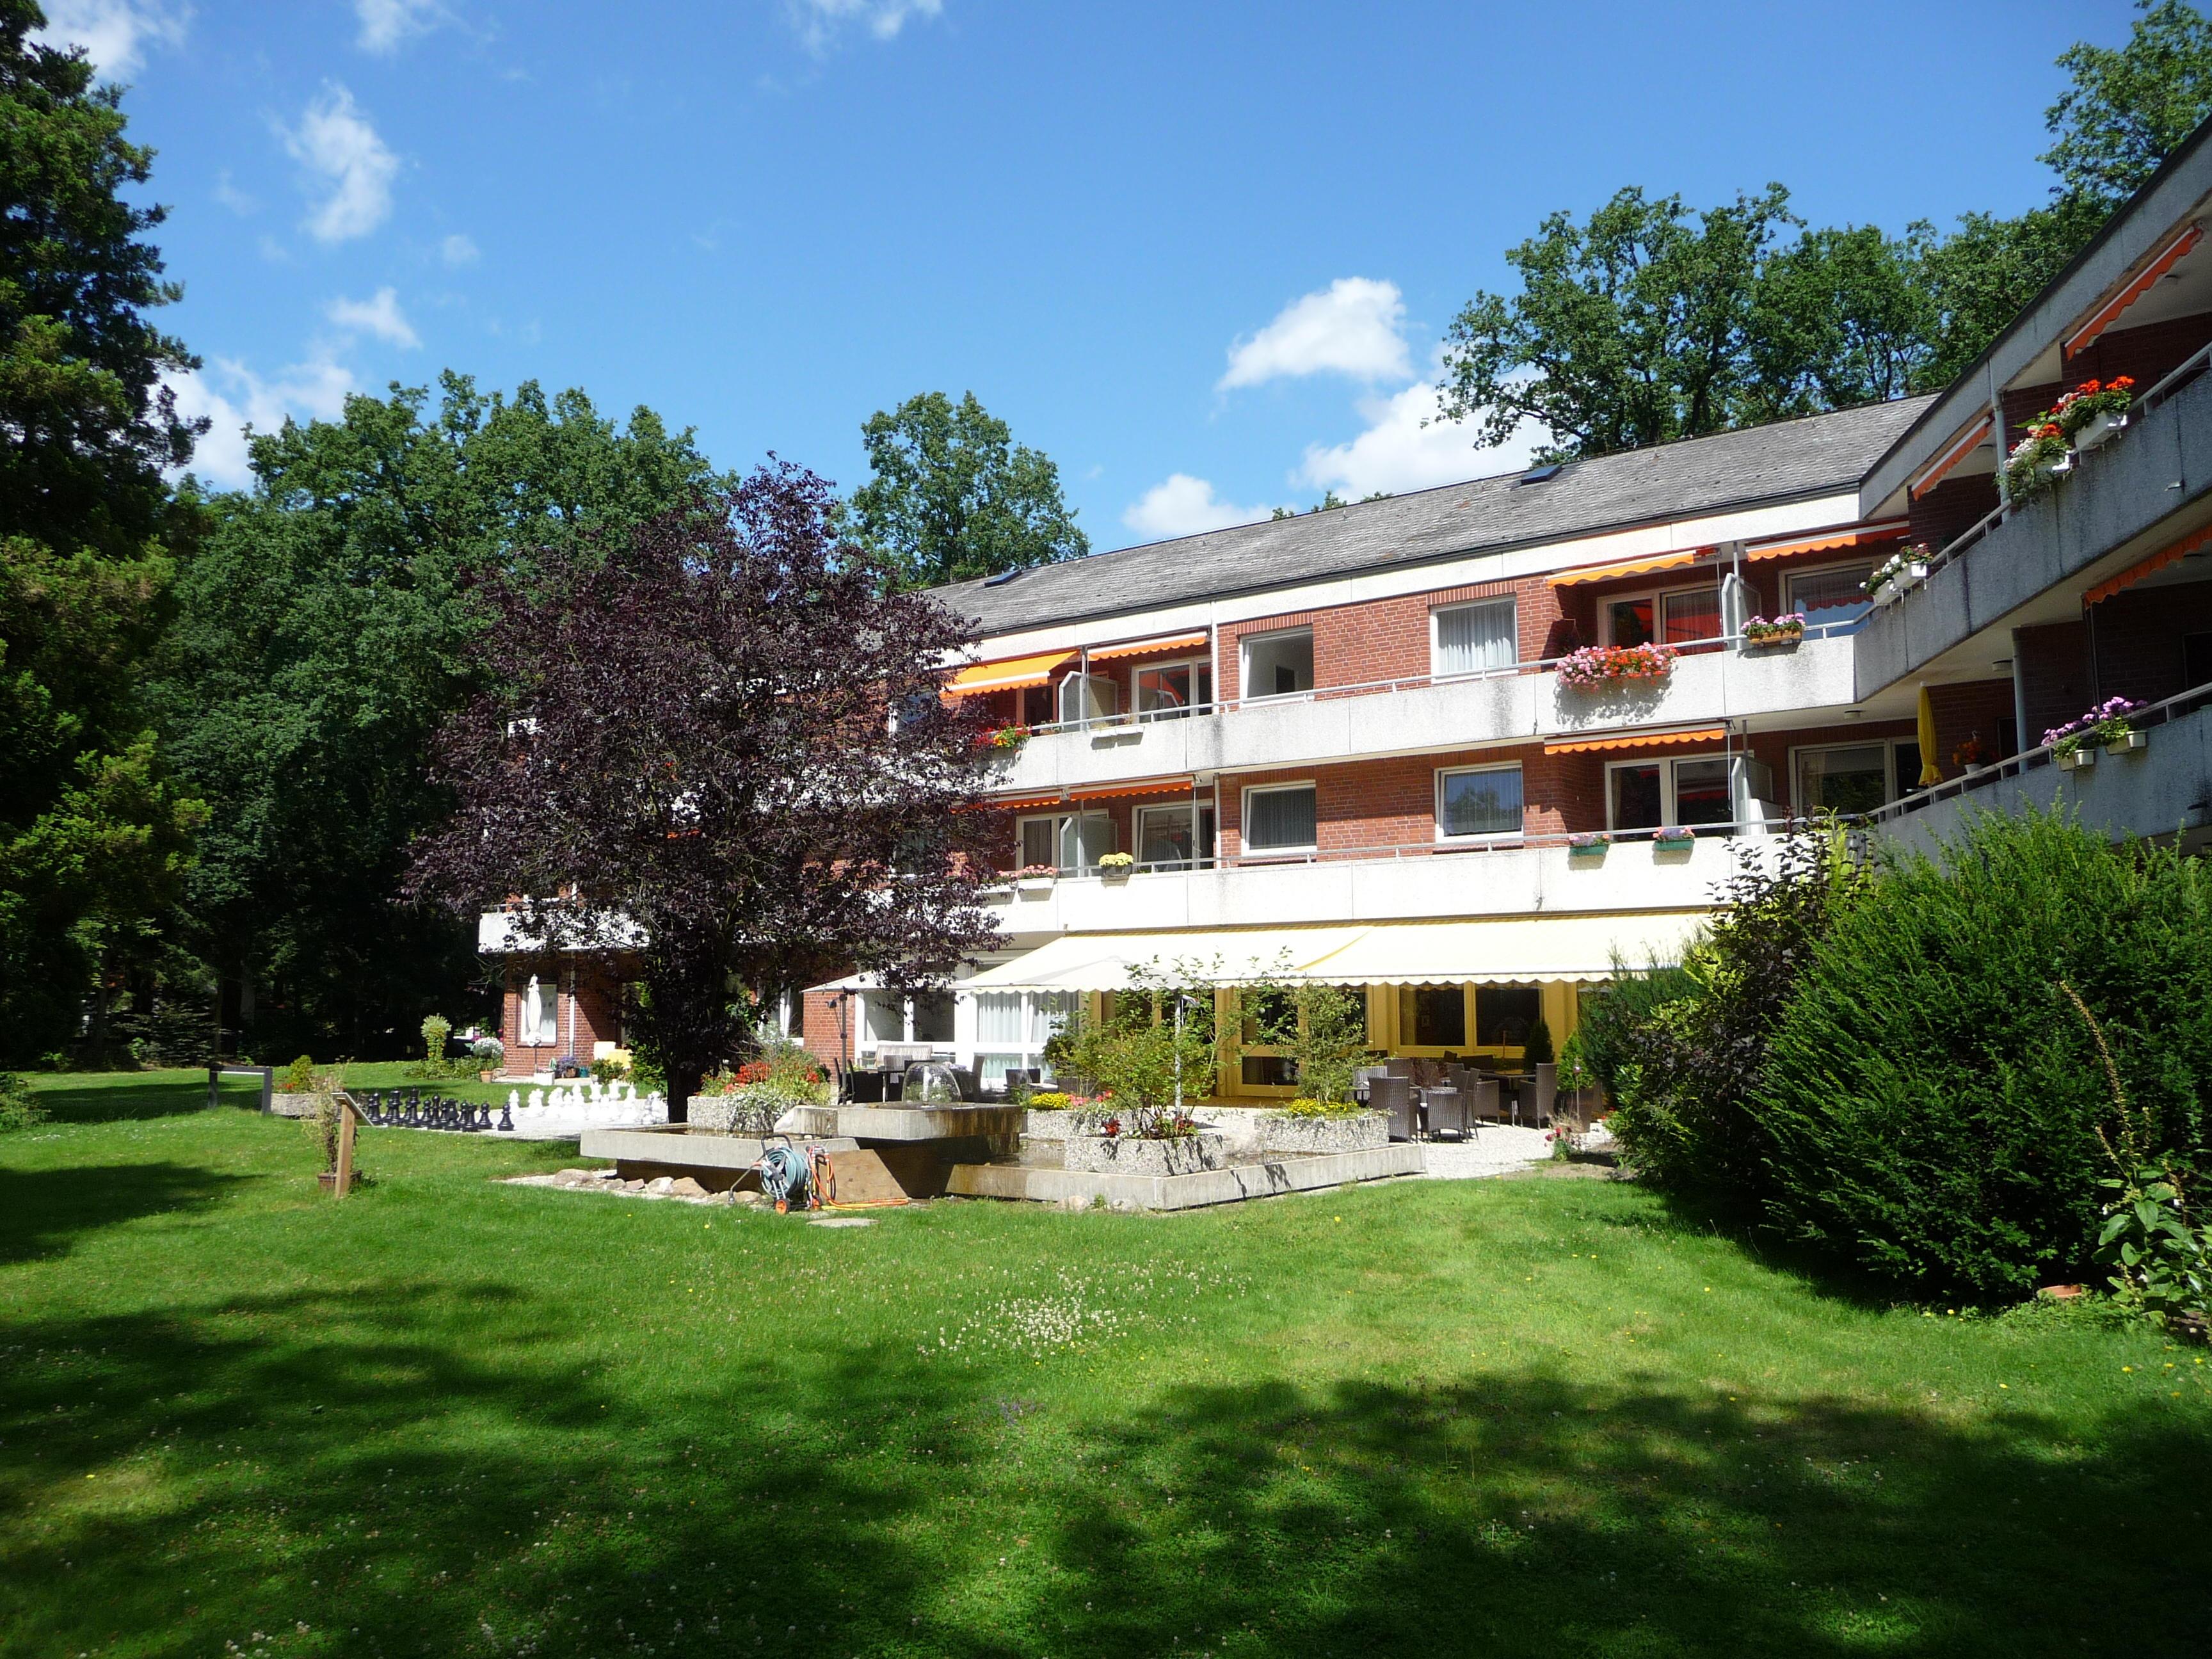 Haus Billtal Seniorenwohnheim